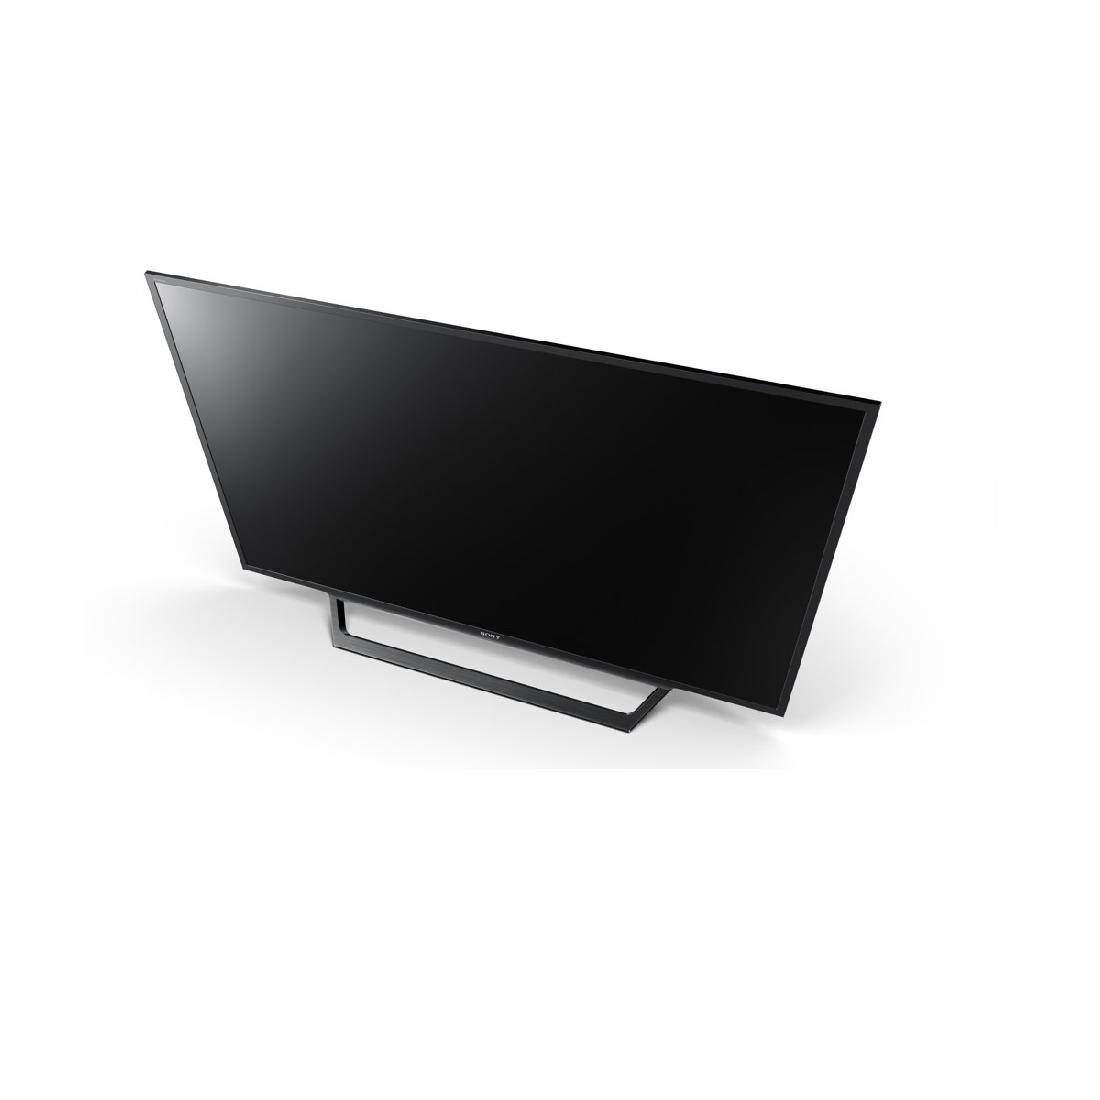 Sony Kdl40w650d 40 1080p Led Smart Tv # Meuble Et Support Tv